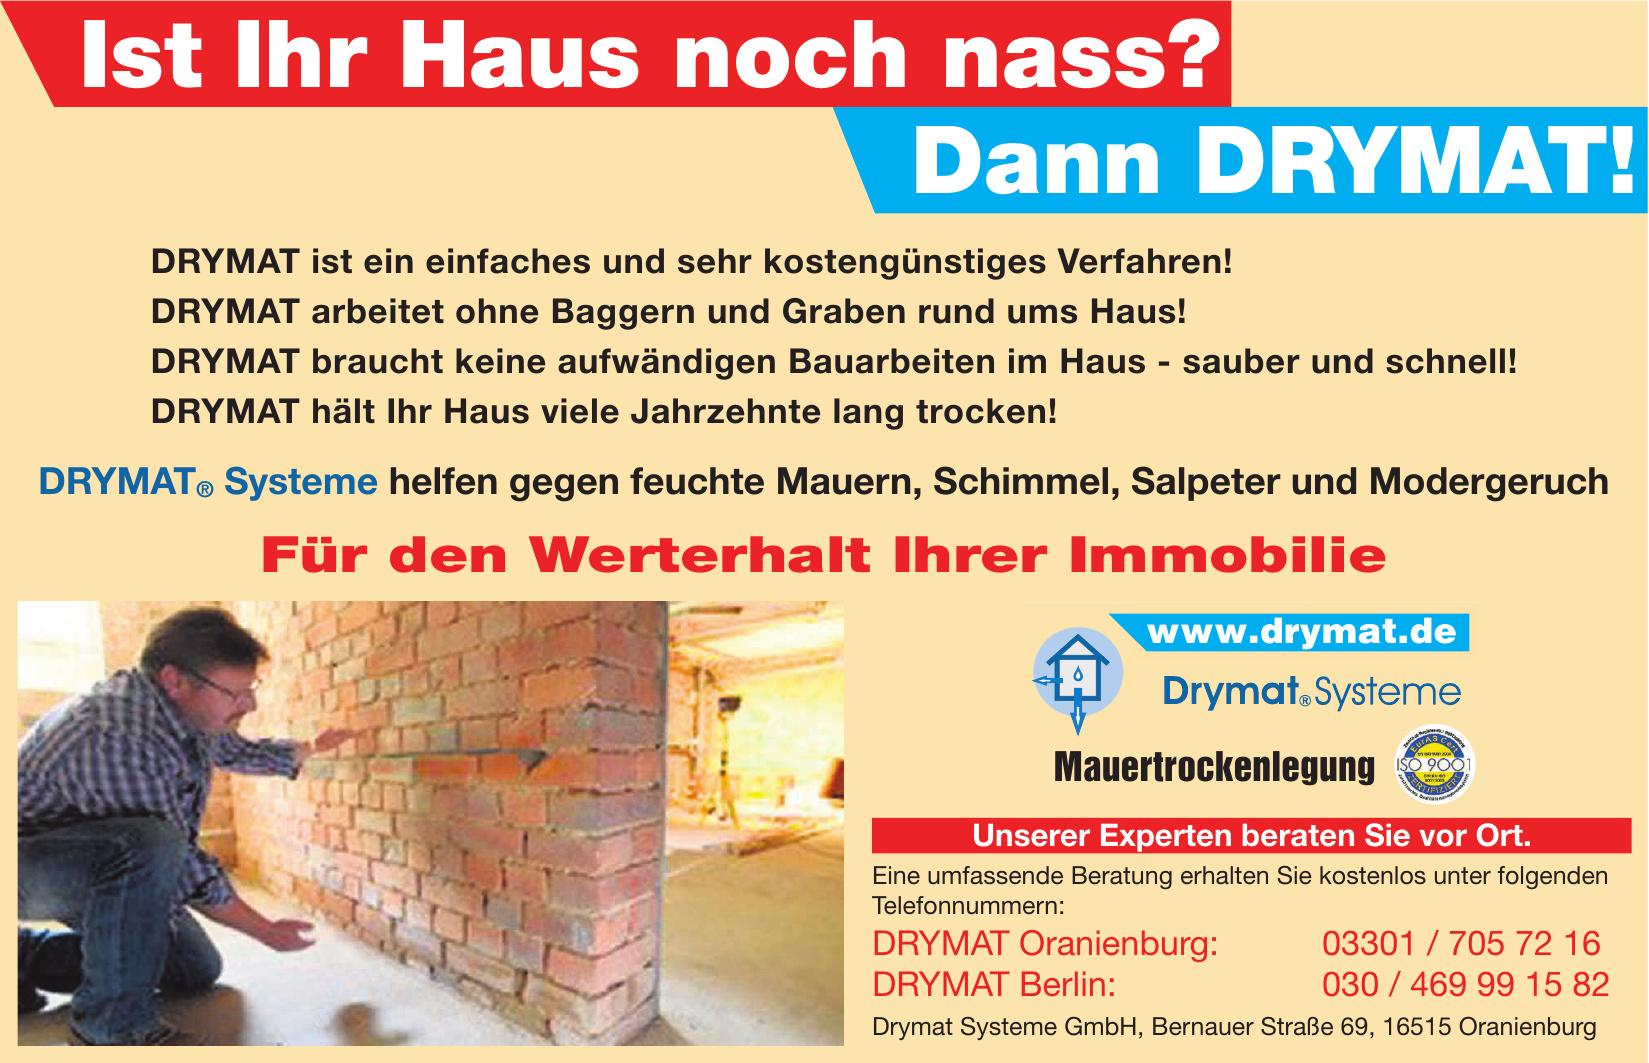 Drymat Systeme GmbH